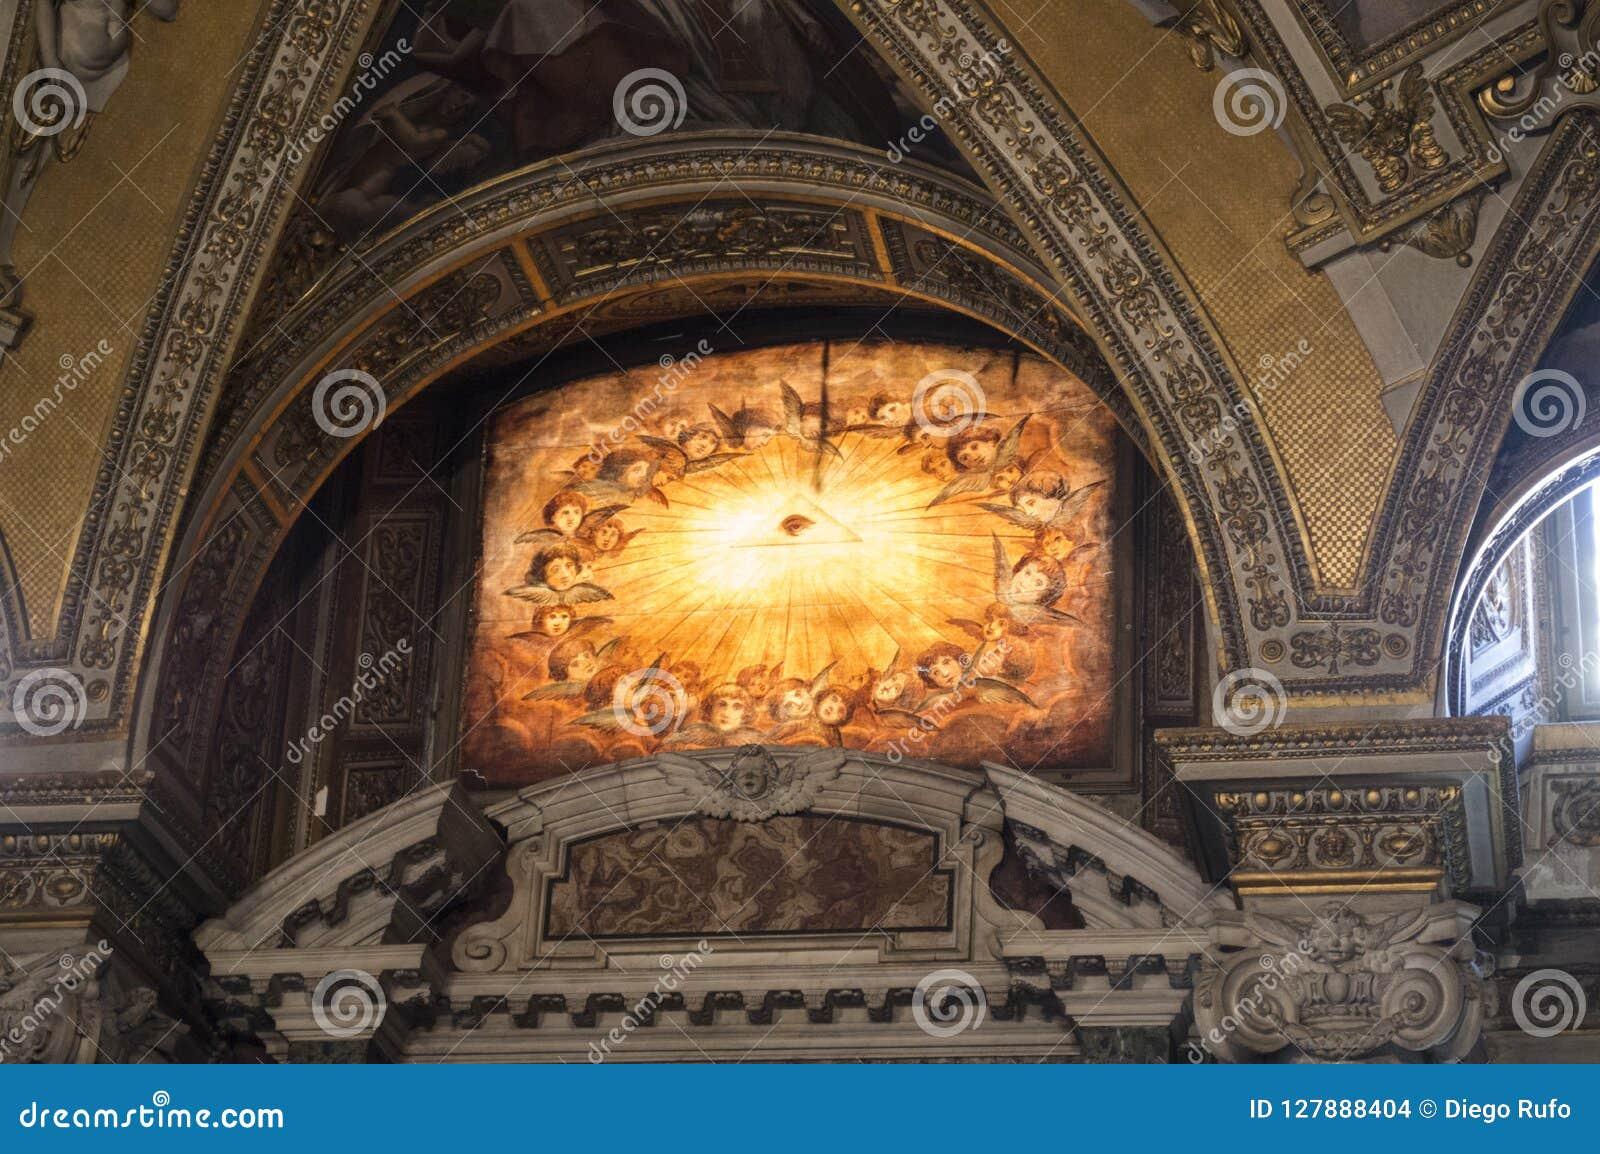 Janela de vitral de uma catedral italiana com o olho que vê tudo ou o olho de Horus